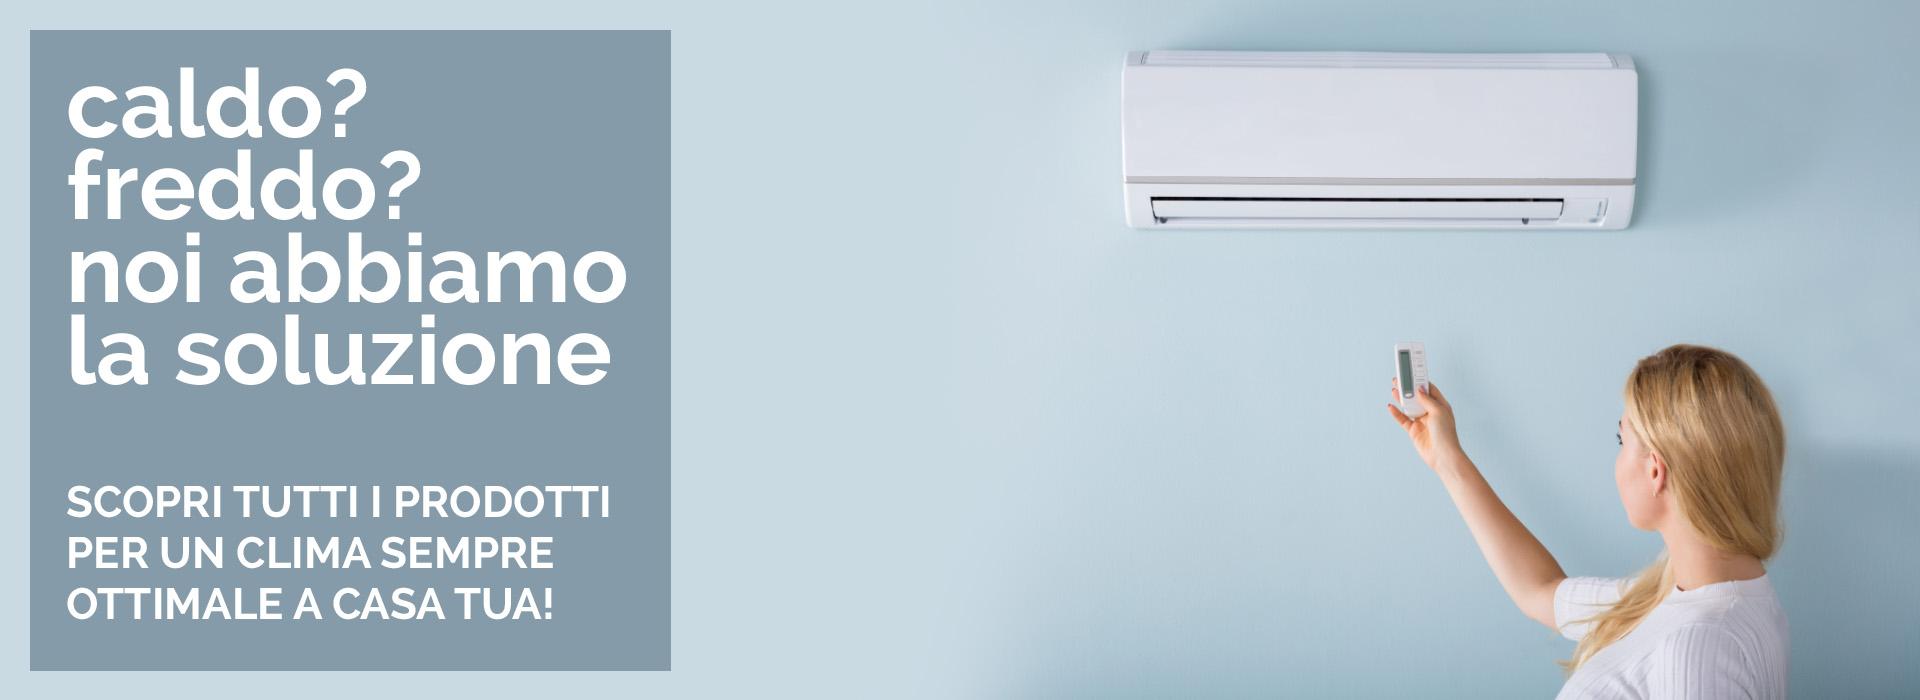 BZ Commerciale - vendita ed installazione climatizzatori sardegna